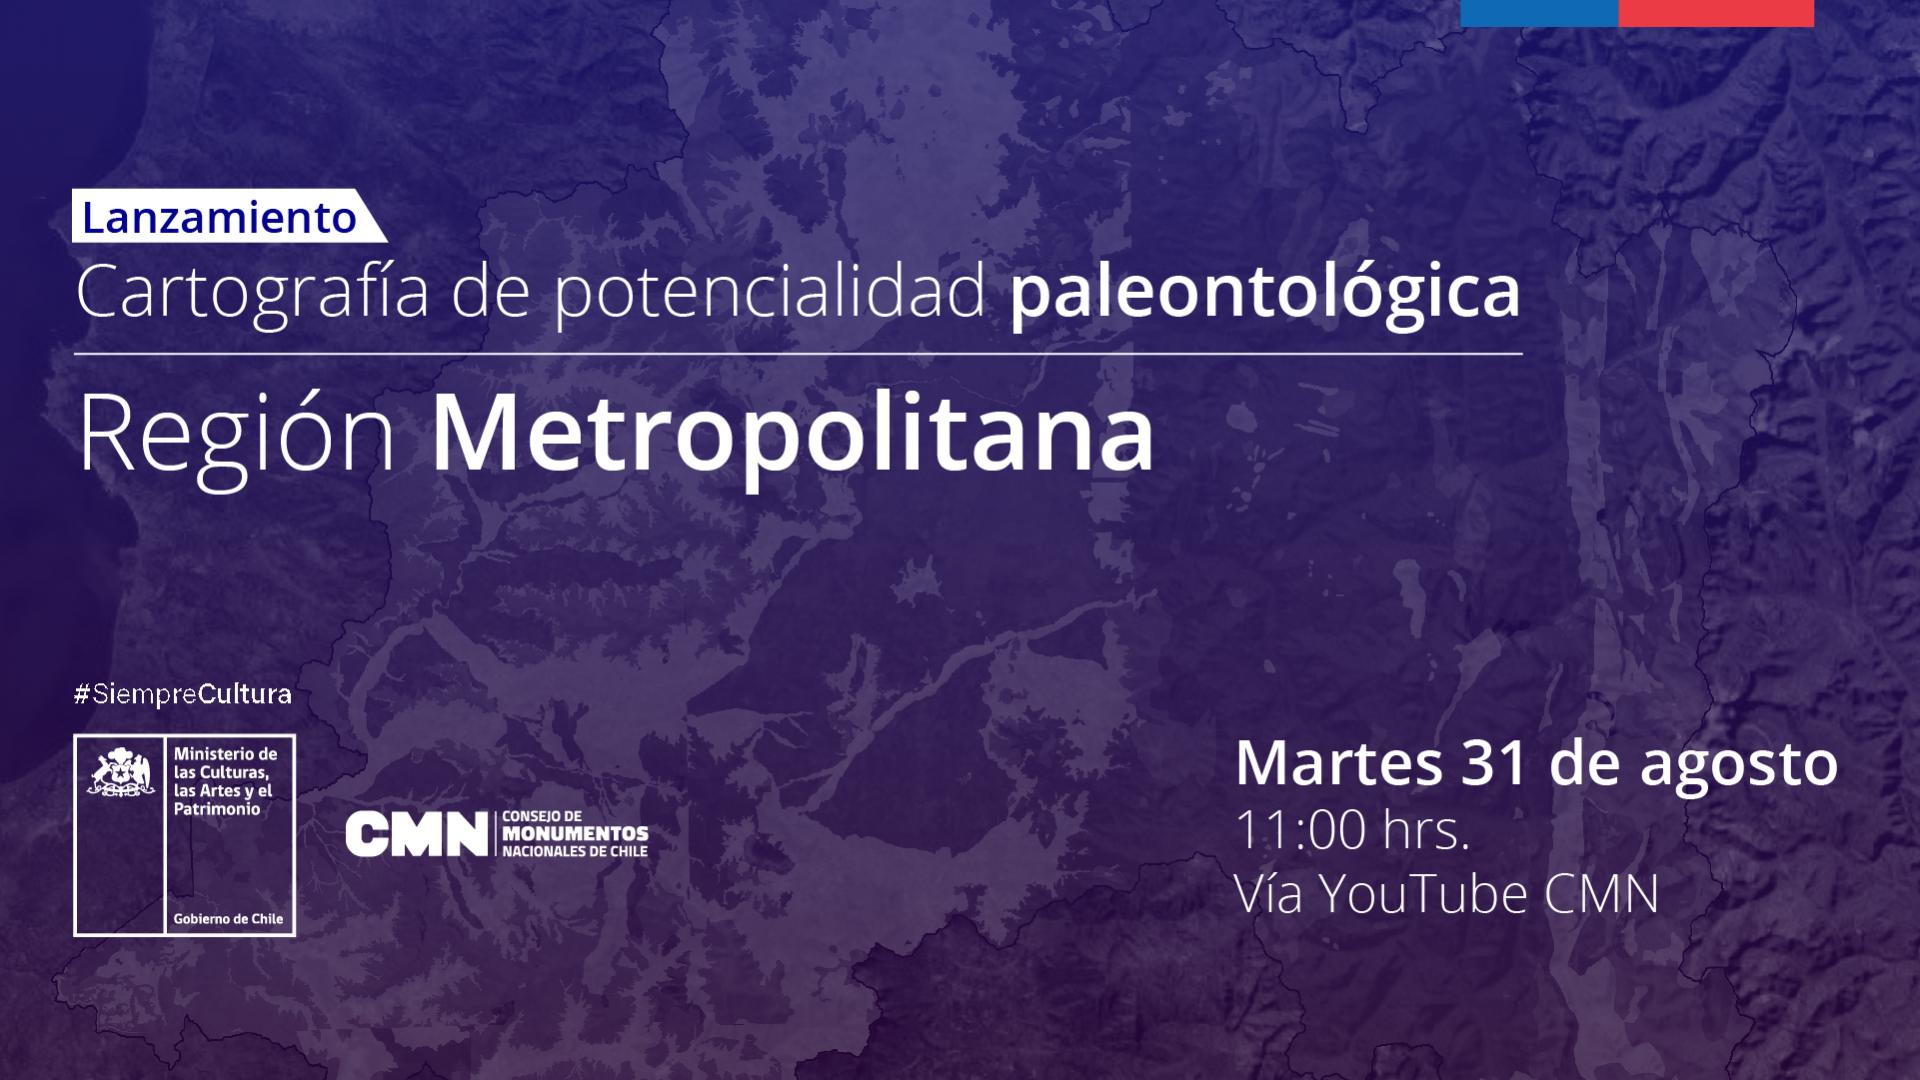 Imagen de Consejo de Monumentos Nacionales revelará el potencial paleontológico de la Región Metropolitana